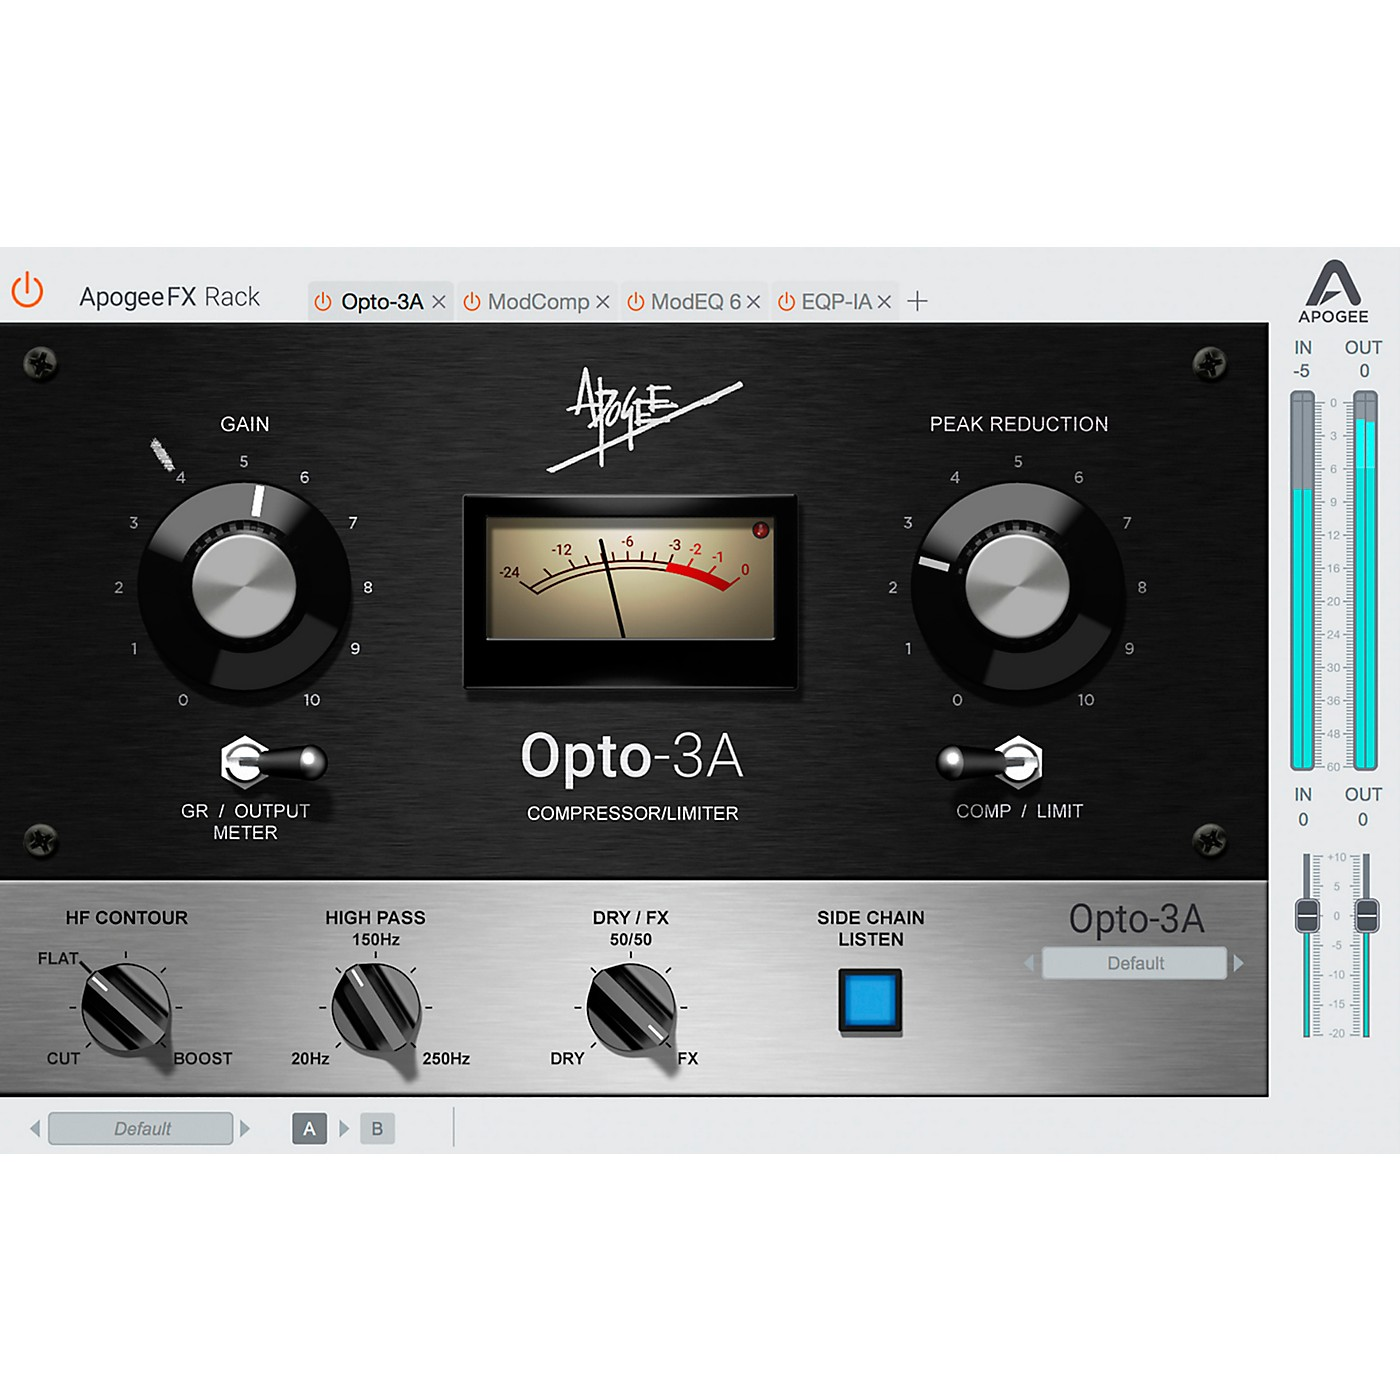 Apogee FX Rack Opto-3A thumbnail